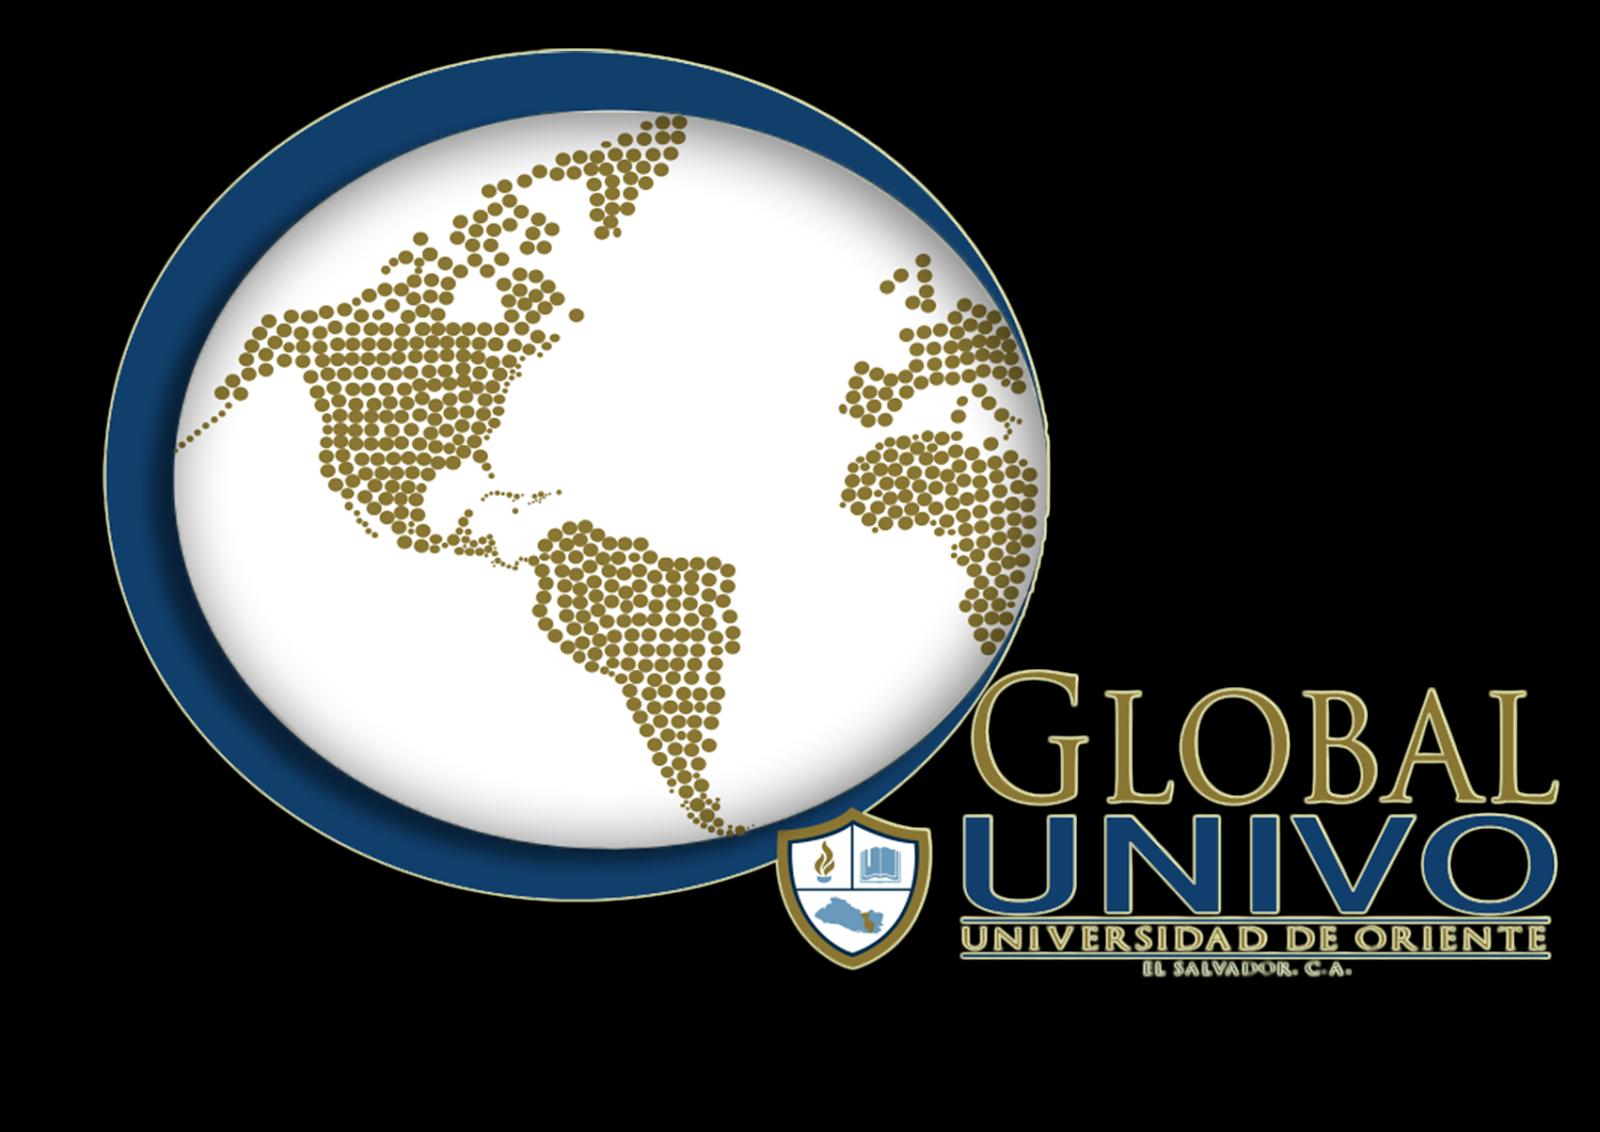 Global UNIVO